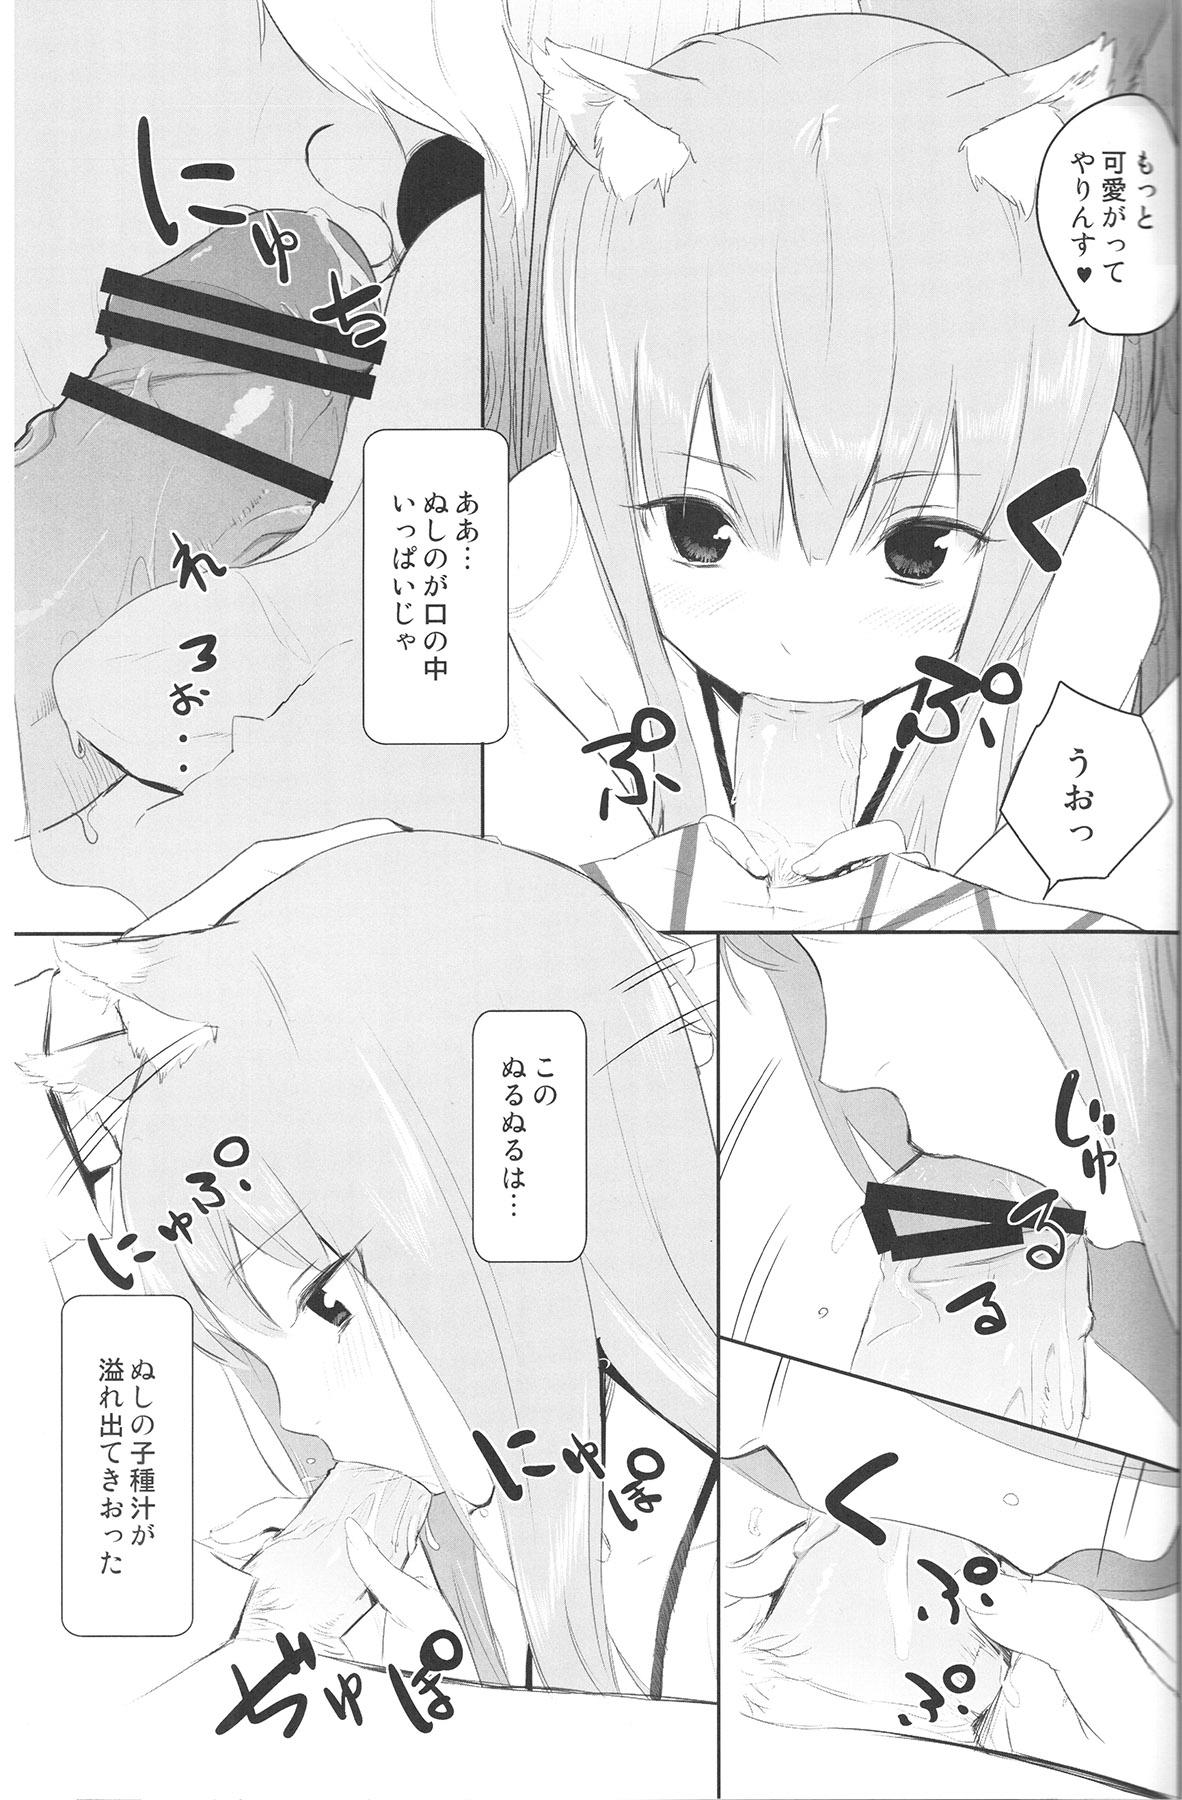 Ajisai Maiden Vol. 1 2